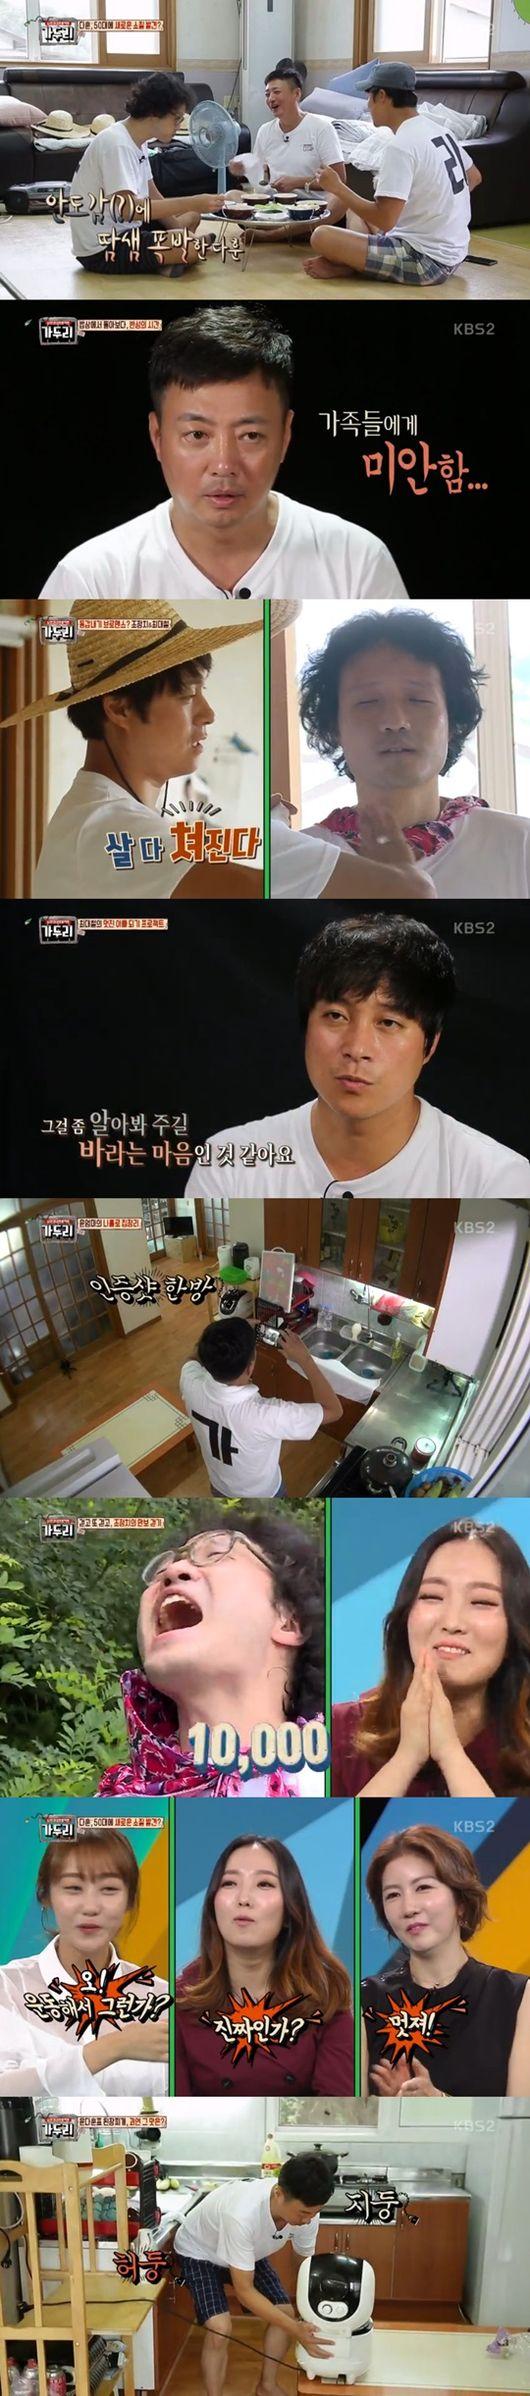 '가두리' 첫방, 윤다훈X최대철X조정치의 '가족이해' 미션기 [종합]